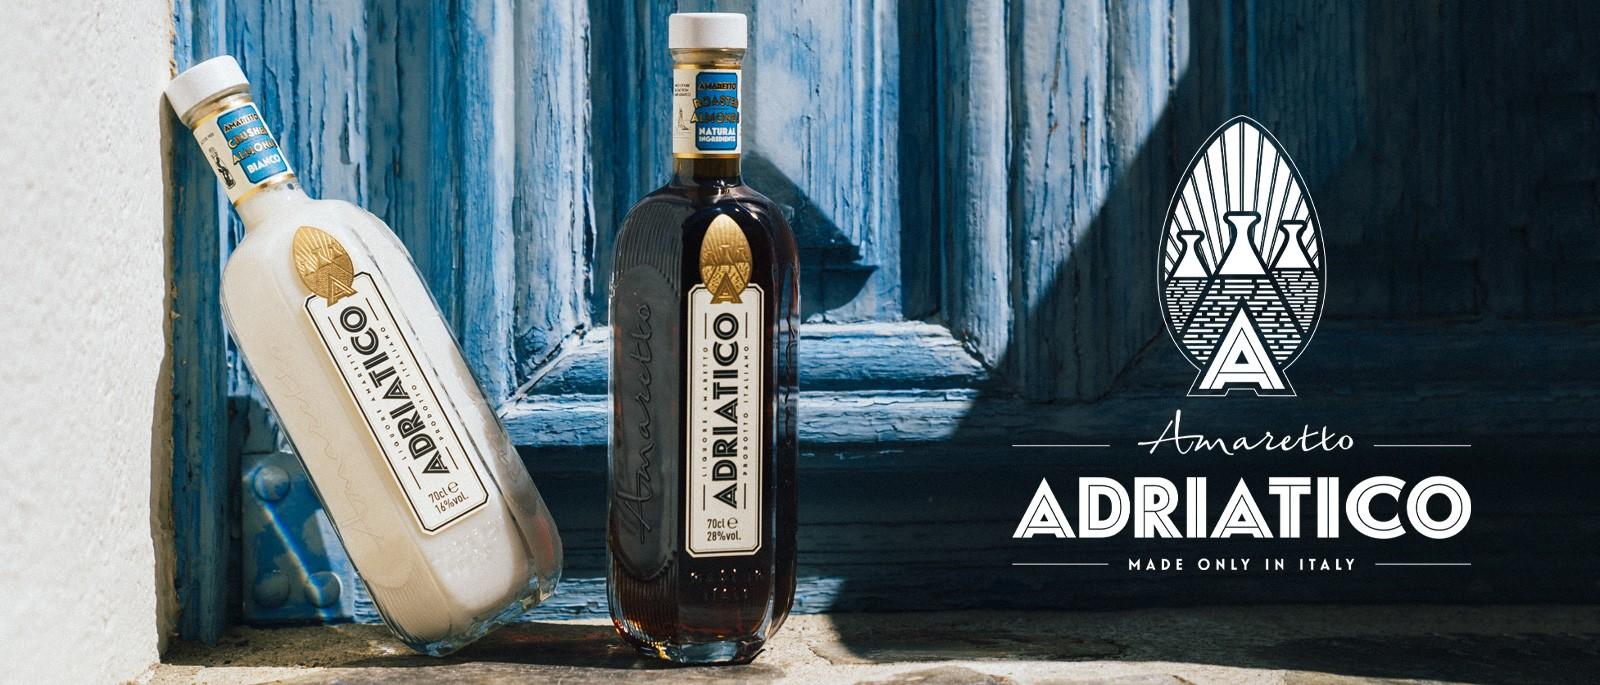 Amaretto Adriatico Liquor